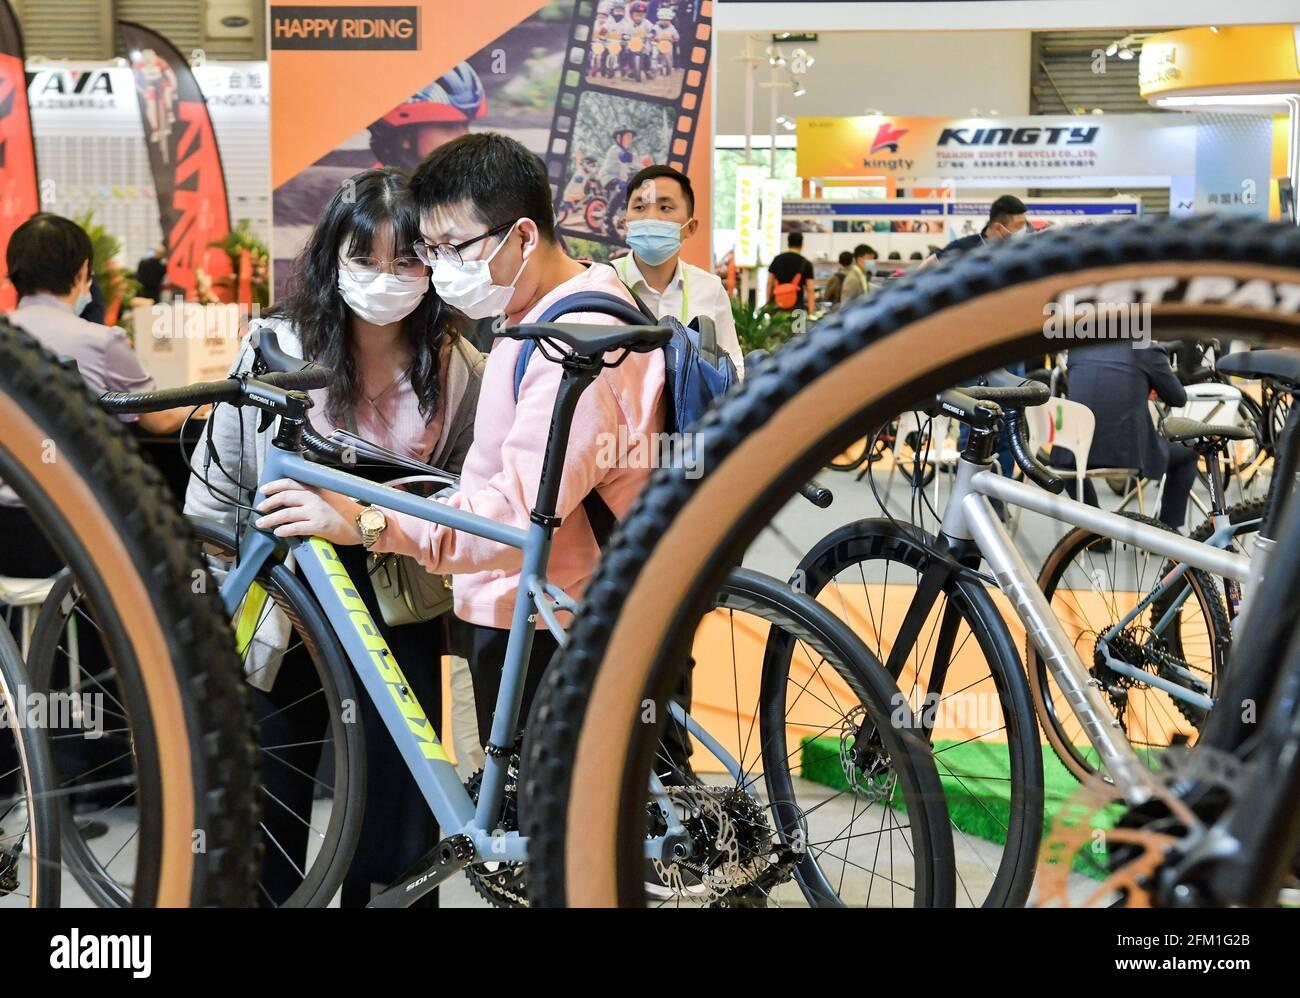 Shanghai. 5 mai 2021. Les visiteurs voient les bicyclettes lors de la 30e foire internationale des bicyclettes en Chine orientale à Shanghai, le 5 mai 2021. L'événement de quatre jours a débuté mercredi, attirant plus de 1,000 entreprises à y participer. Credit: Li He/Xinhua/Alay Live News Banque D'Images